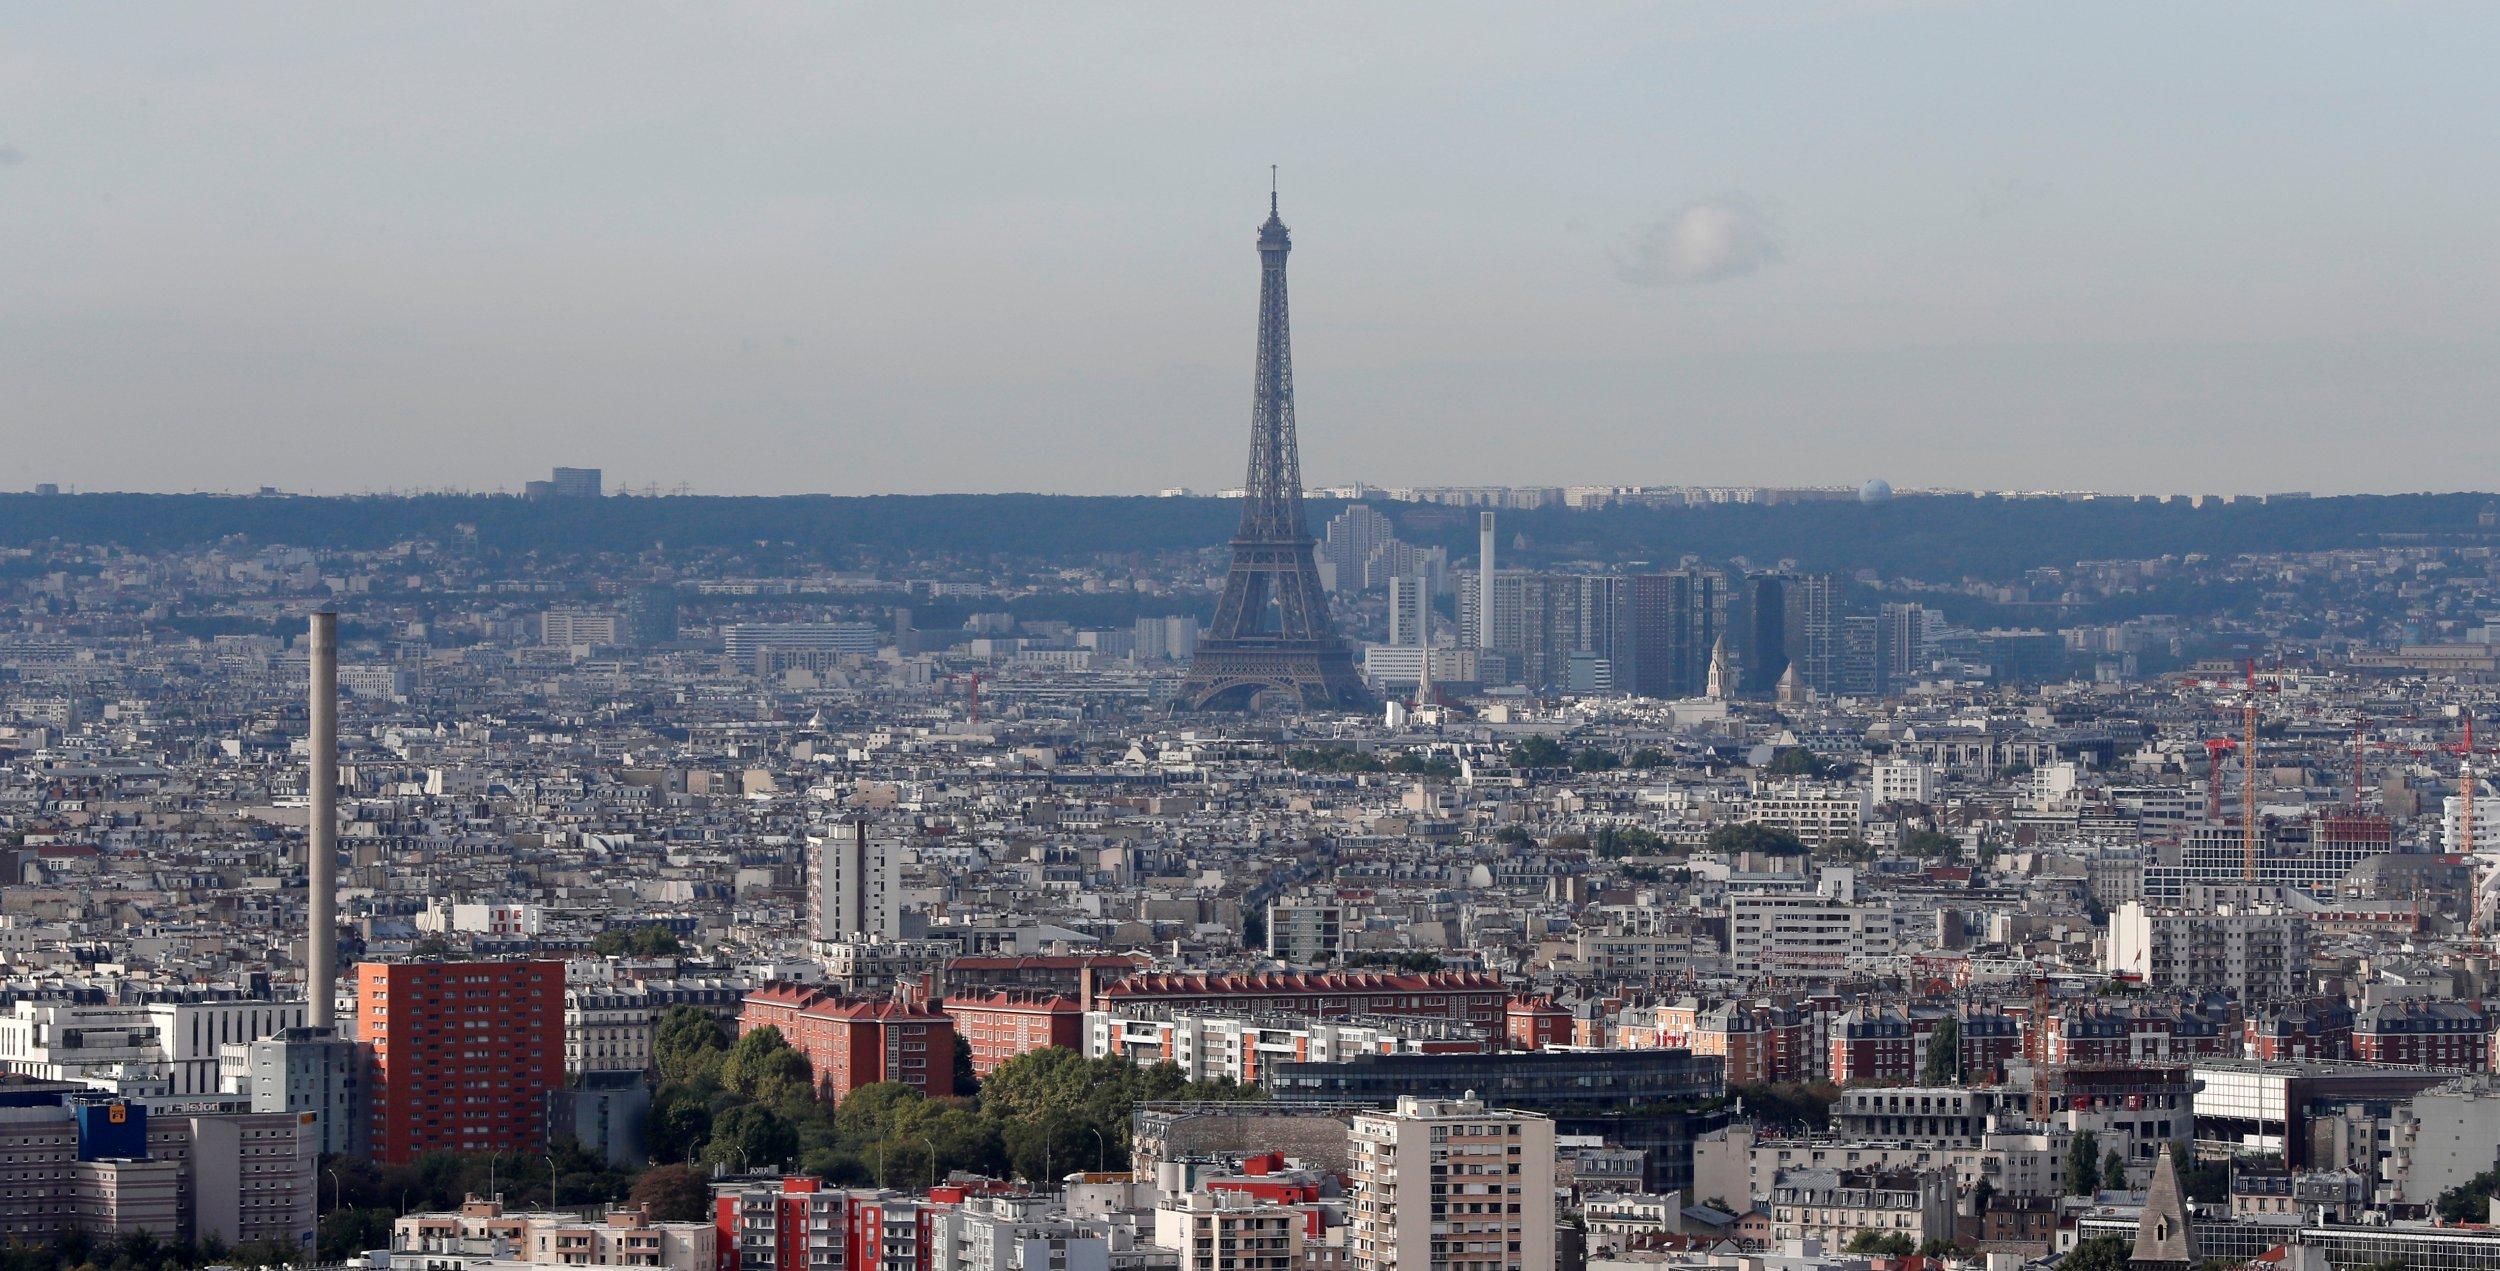 09_19_Eiffel_Tower